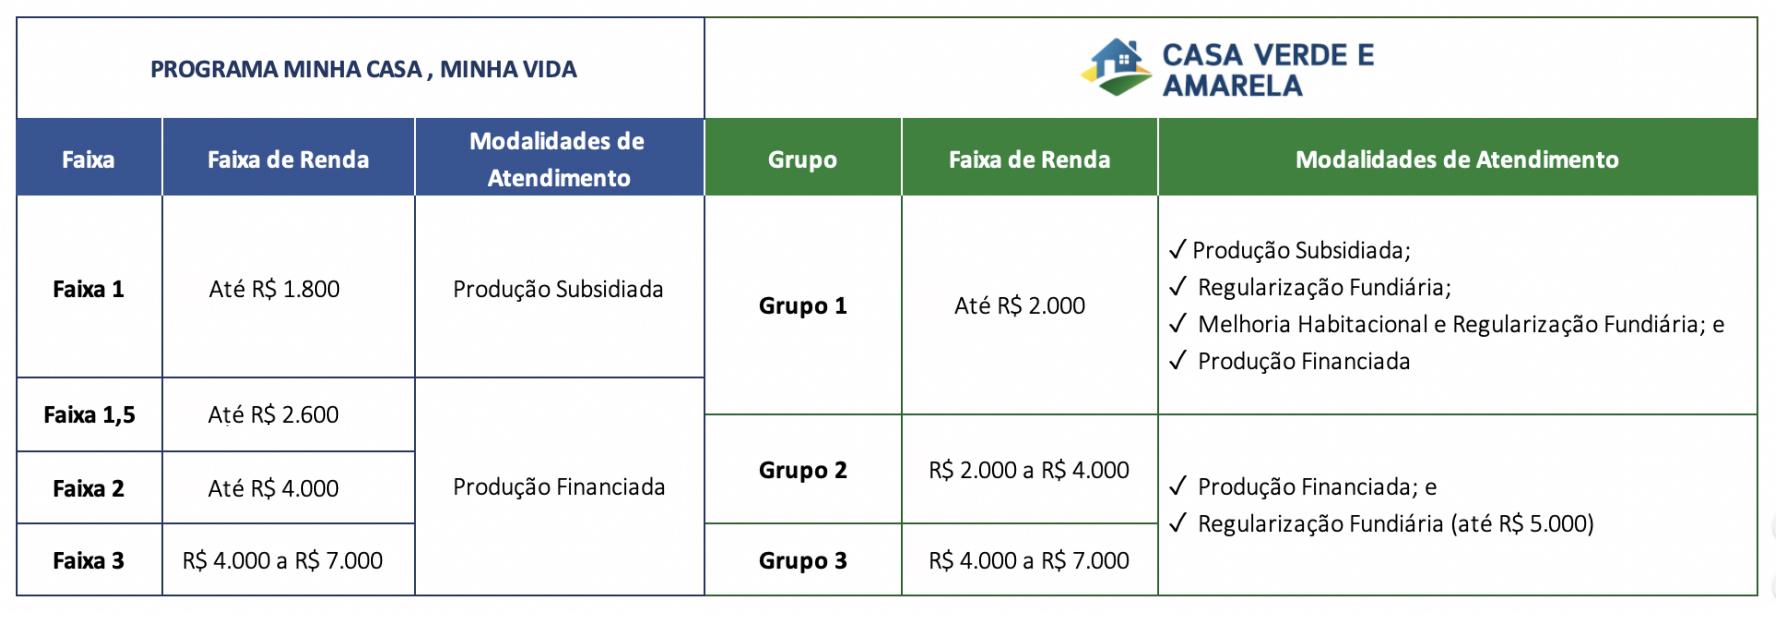 Grupos de renda do Casa Verde e Amarela